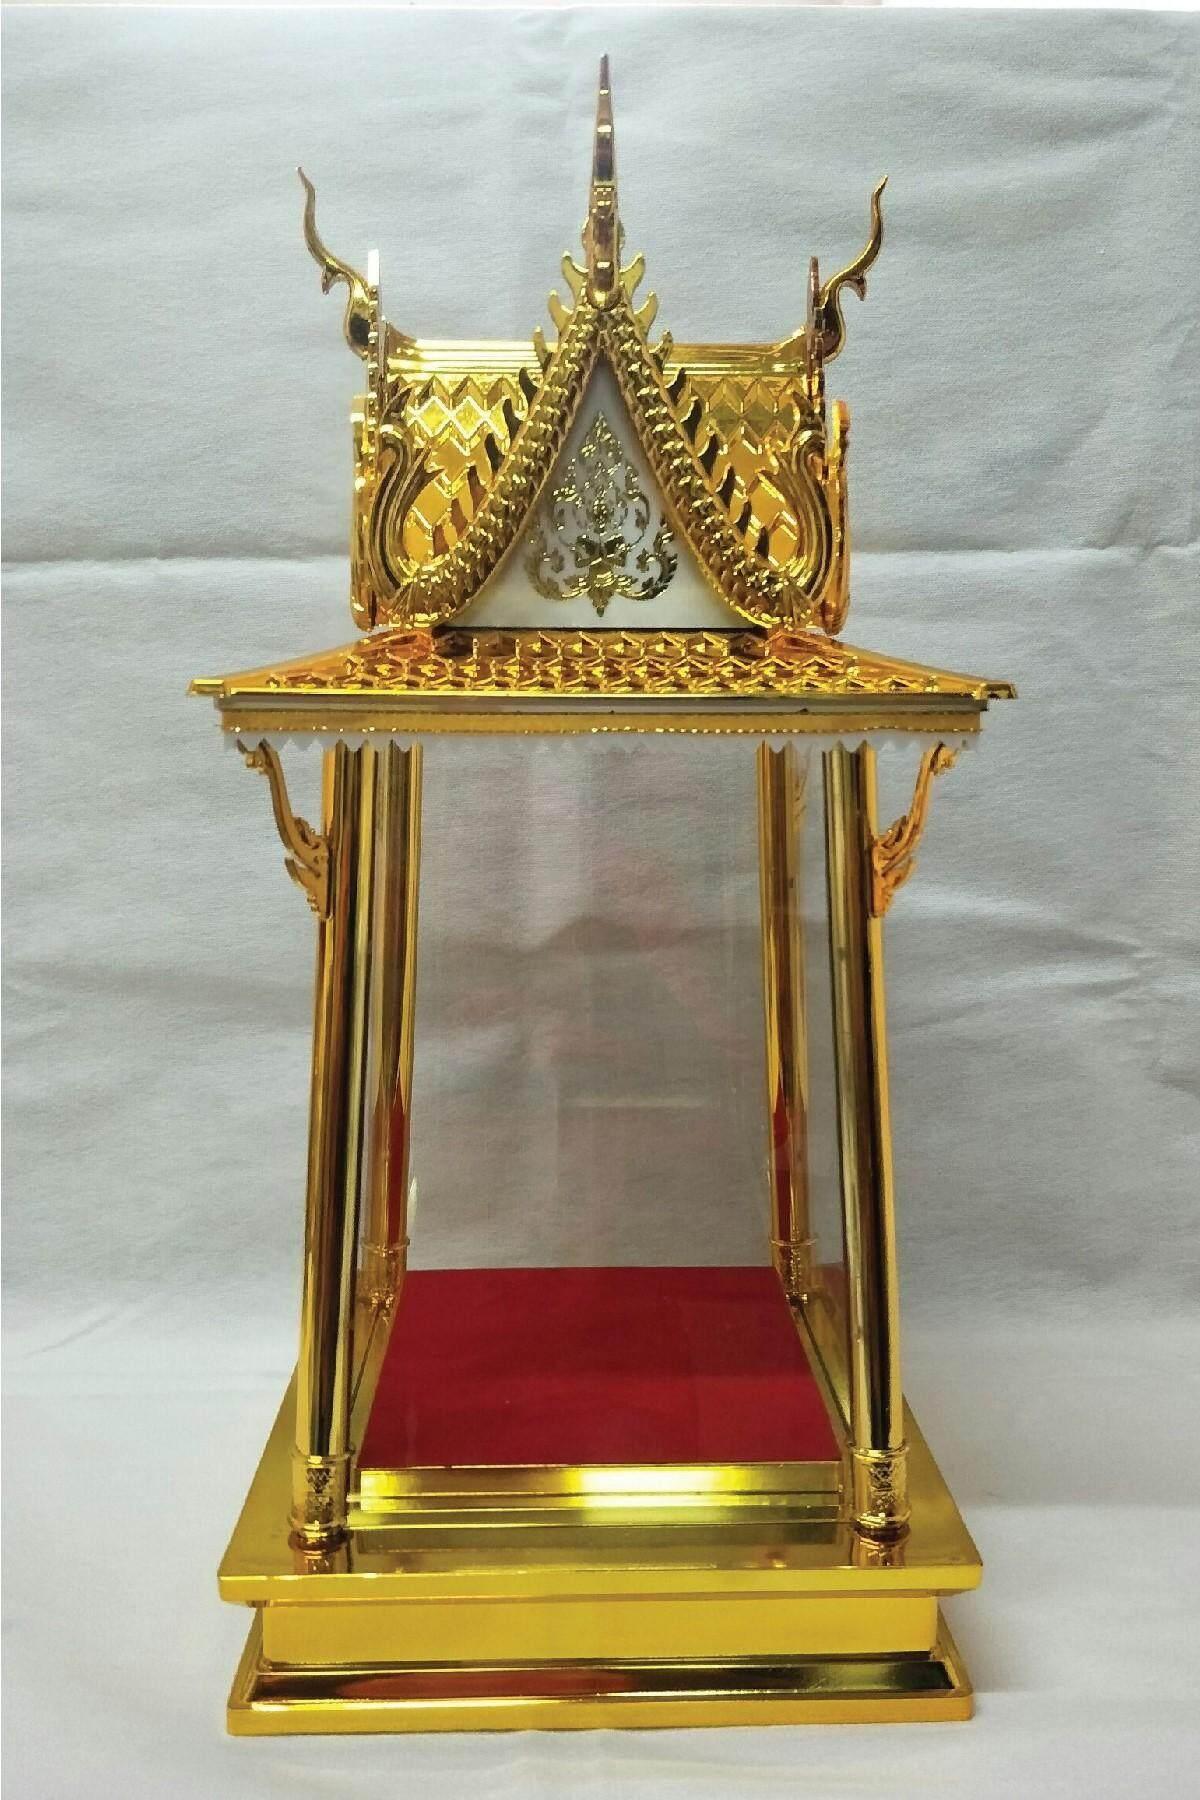 ตู้ครอบพระทรงบุษบก สีทอง(ไม่รวมพระ ).